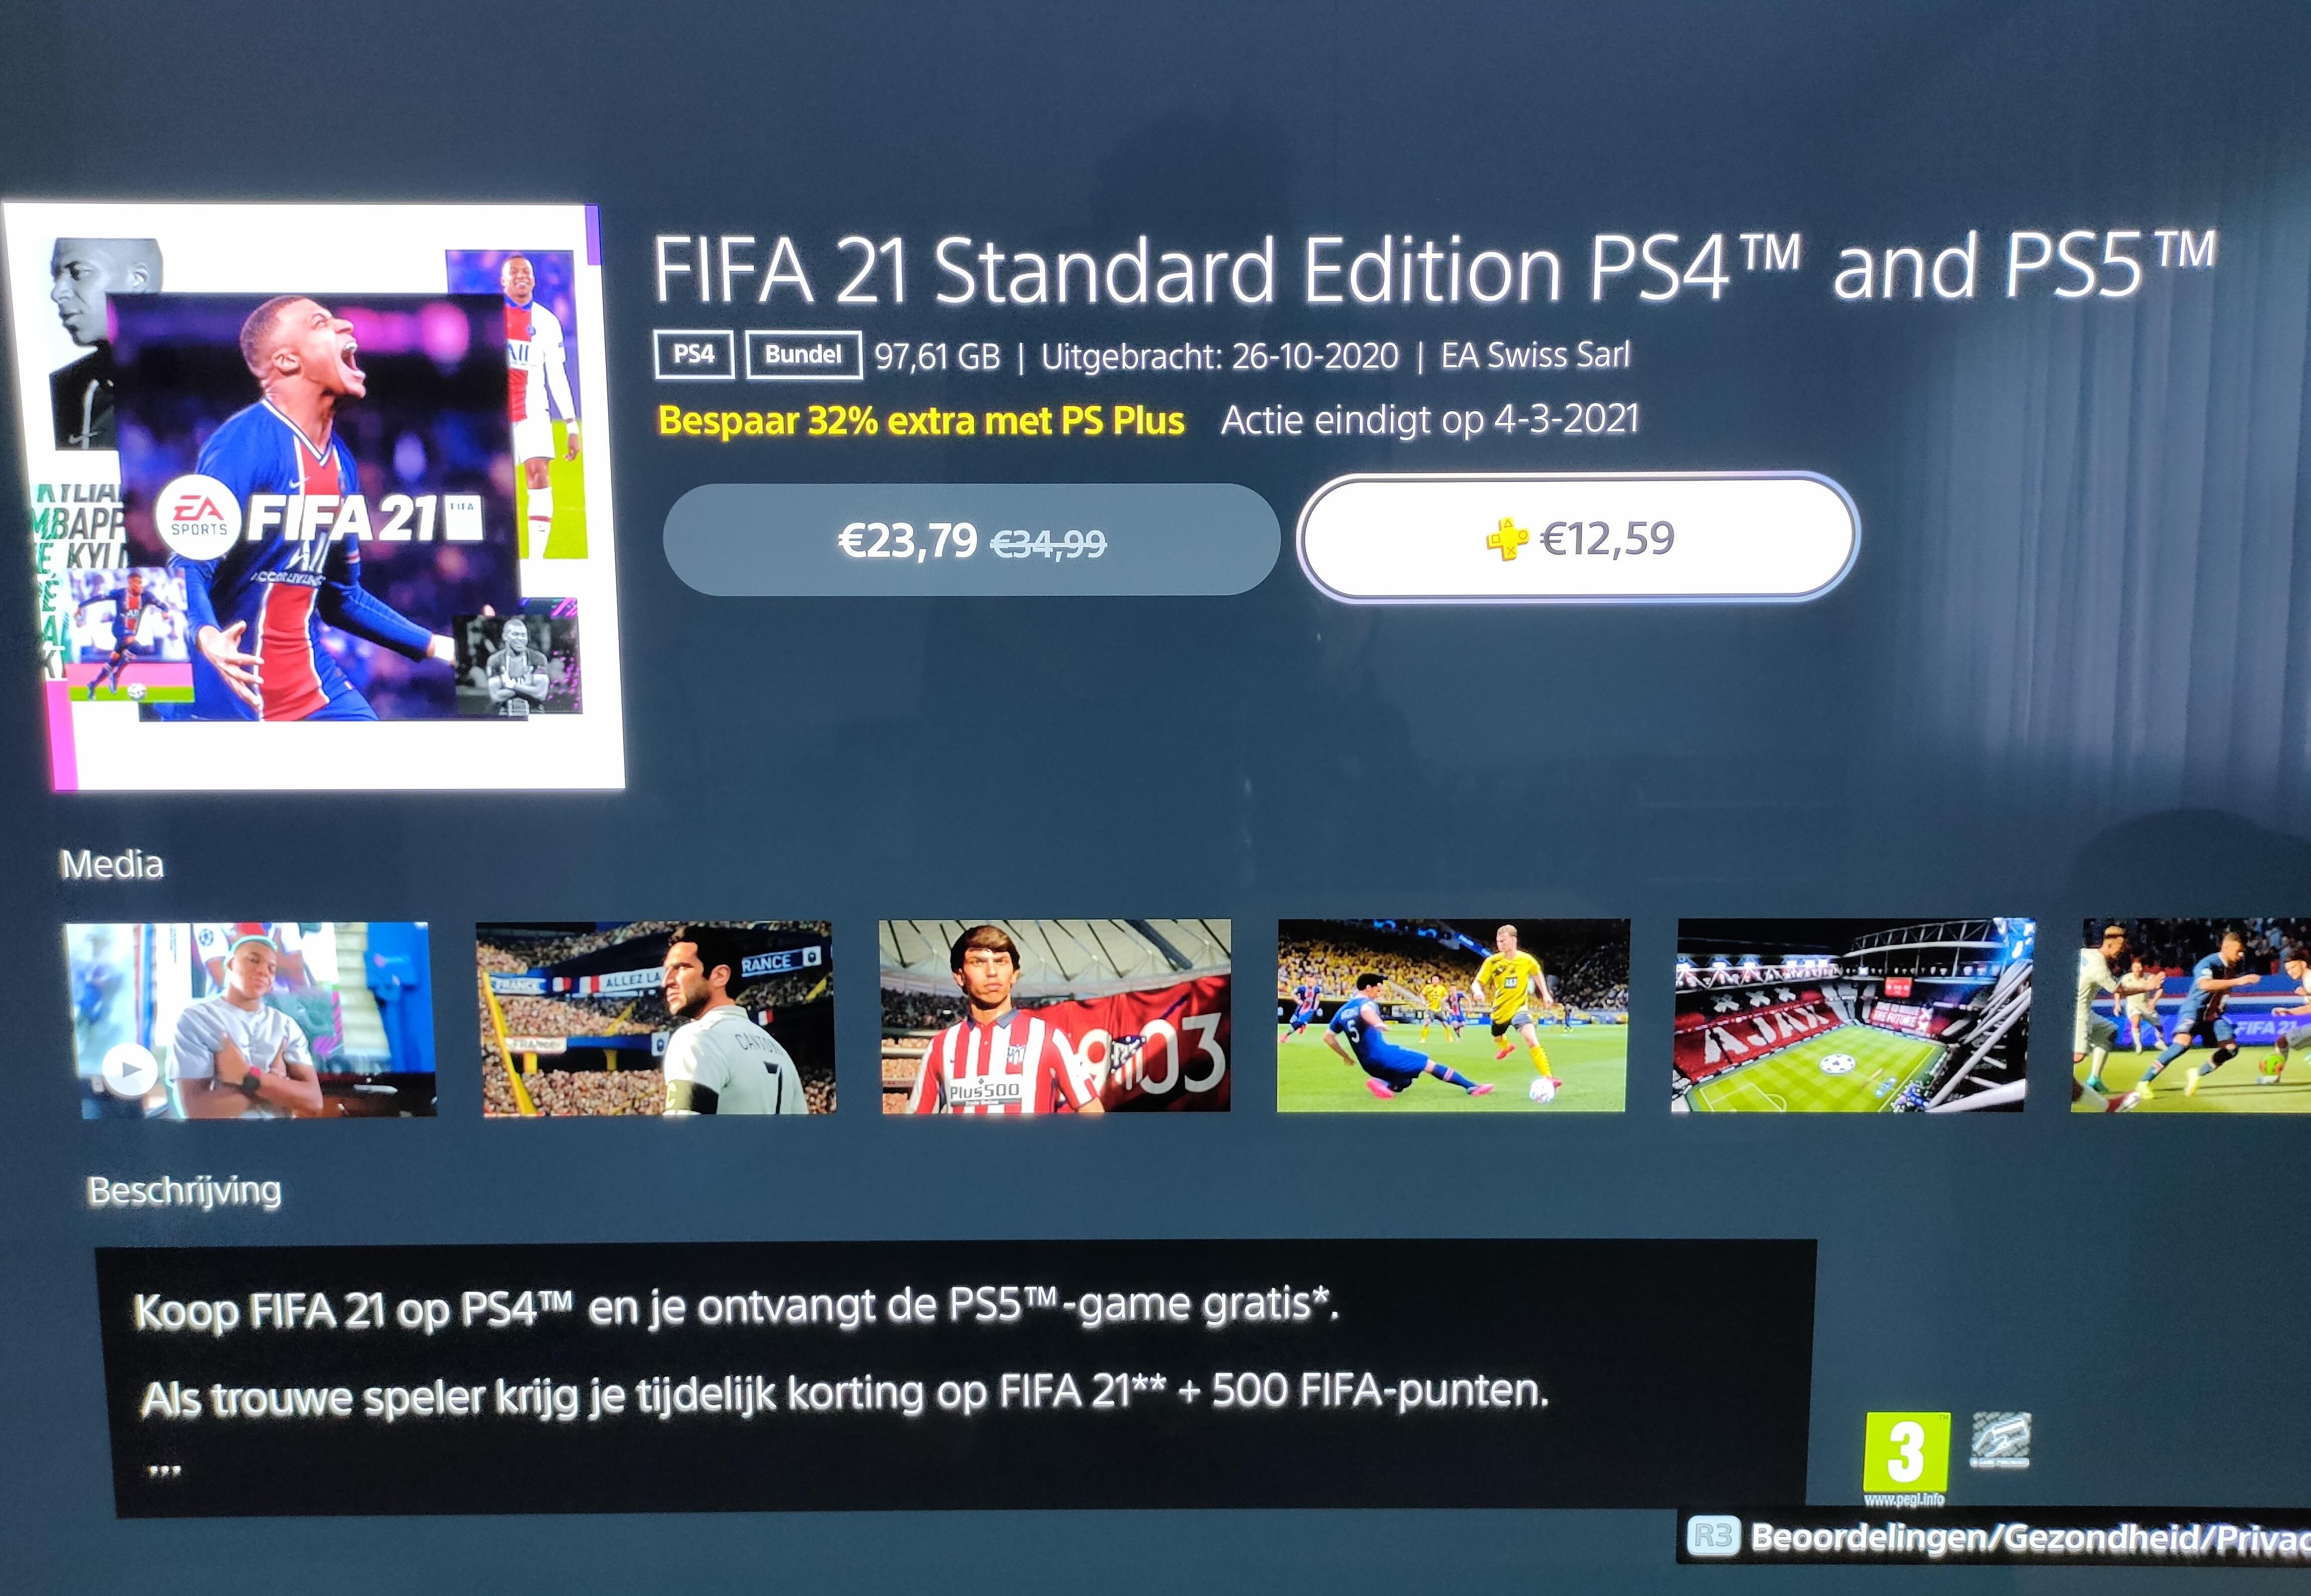 FIFA 21 (PS4/PS5) voor €12,59 door in-game aankoop via FIFA 20 @ PSN/PS+